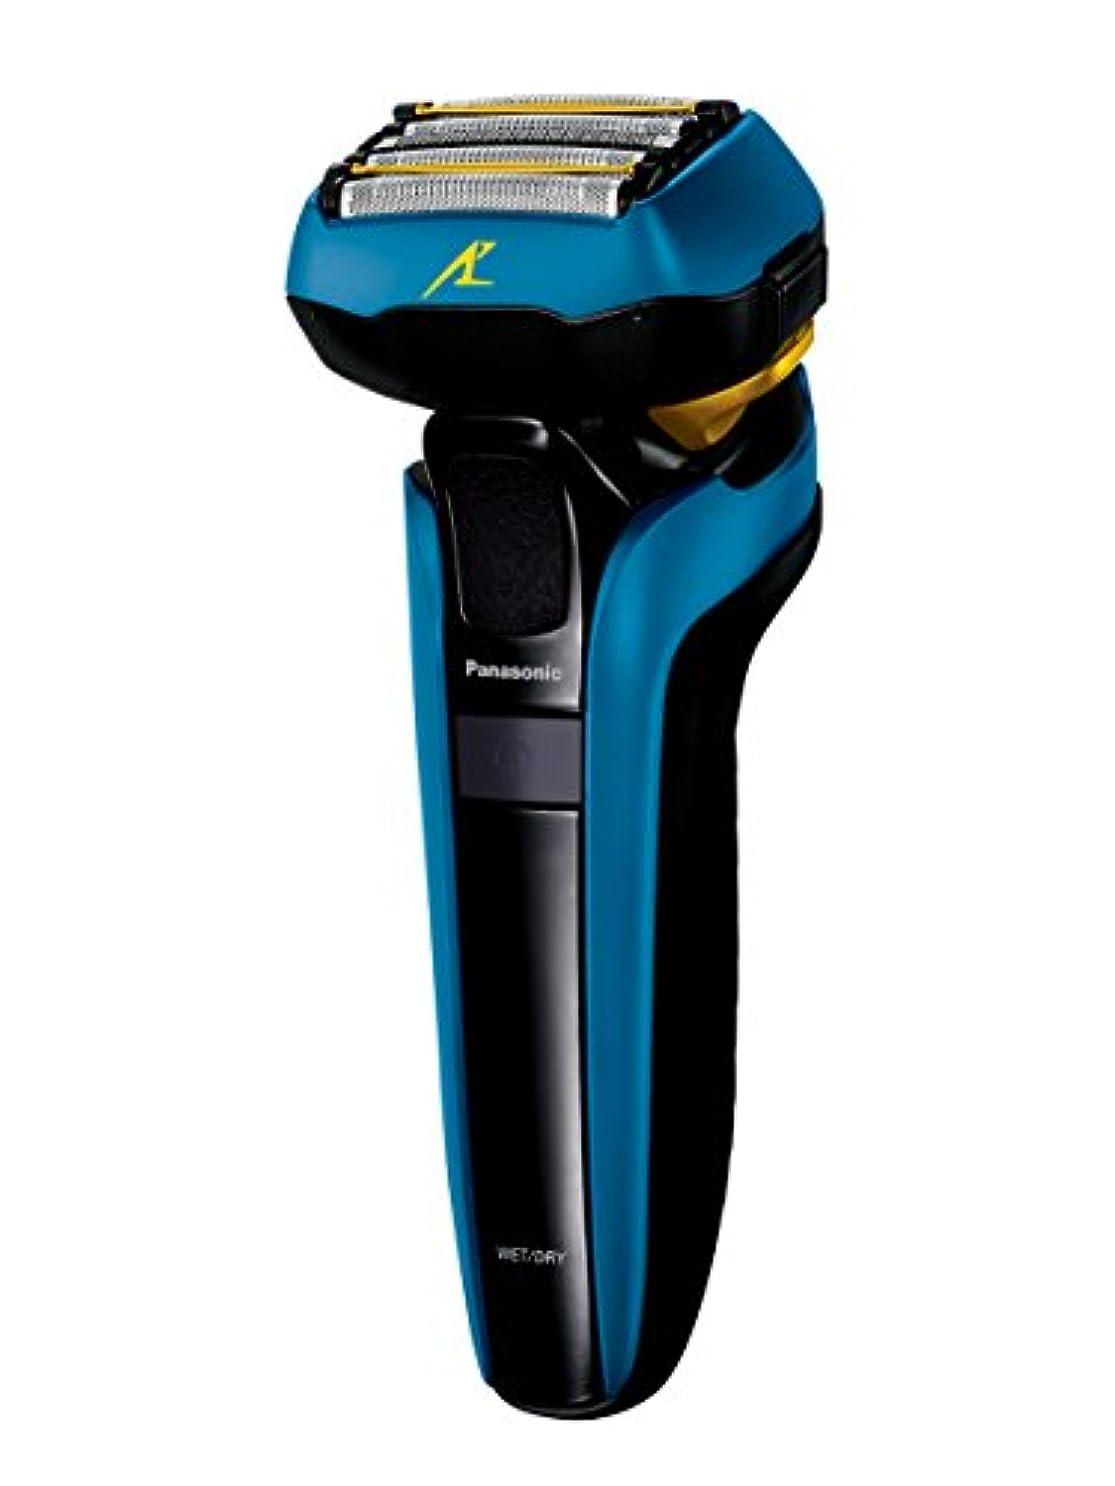 しみ告発虫を数えるパナソニック ラムダッシュ メンズシェーバー 5枚刃 お風呂剃り可 青 ES-CSV6R-A